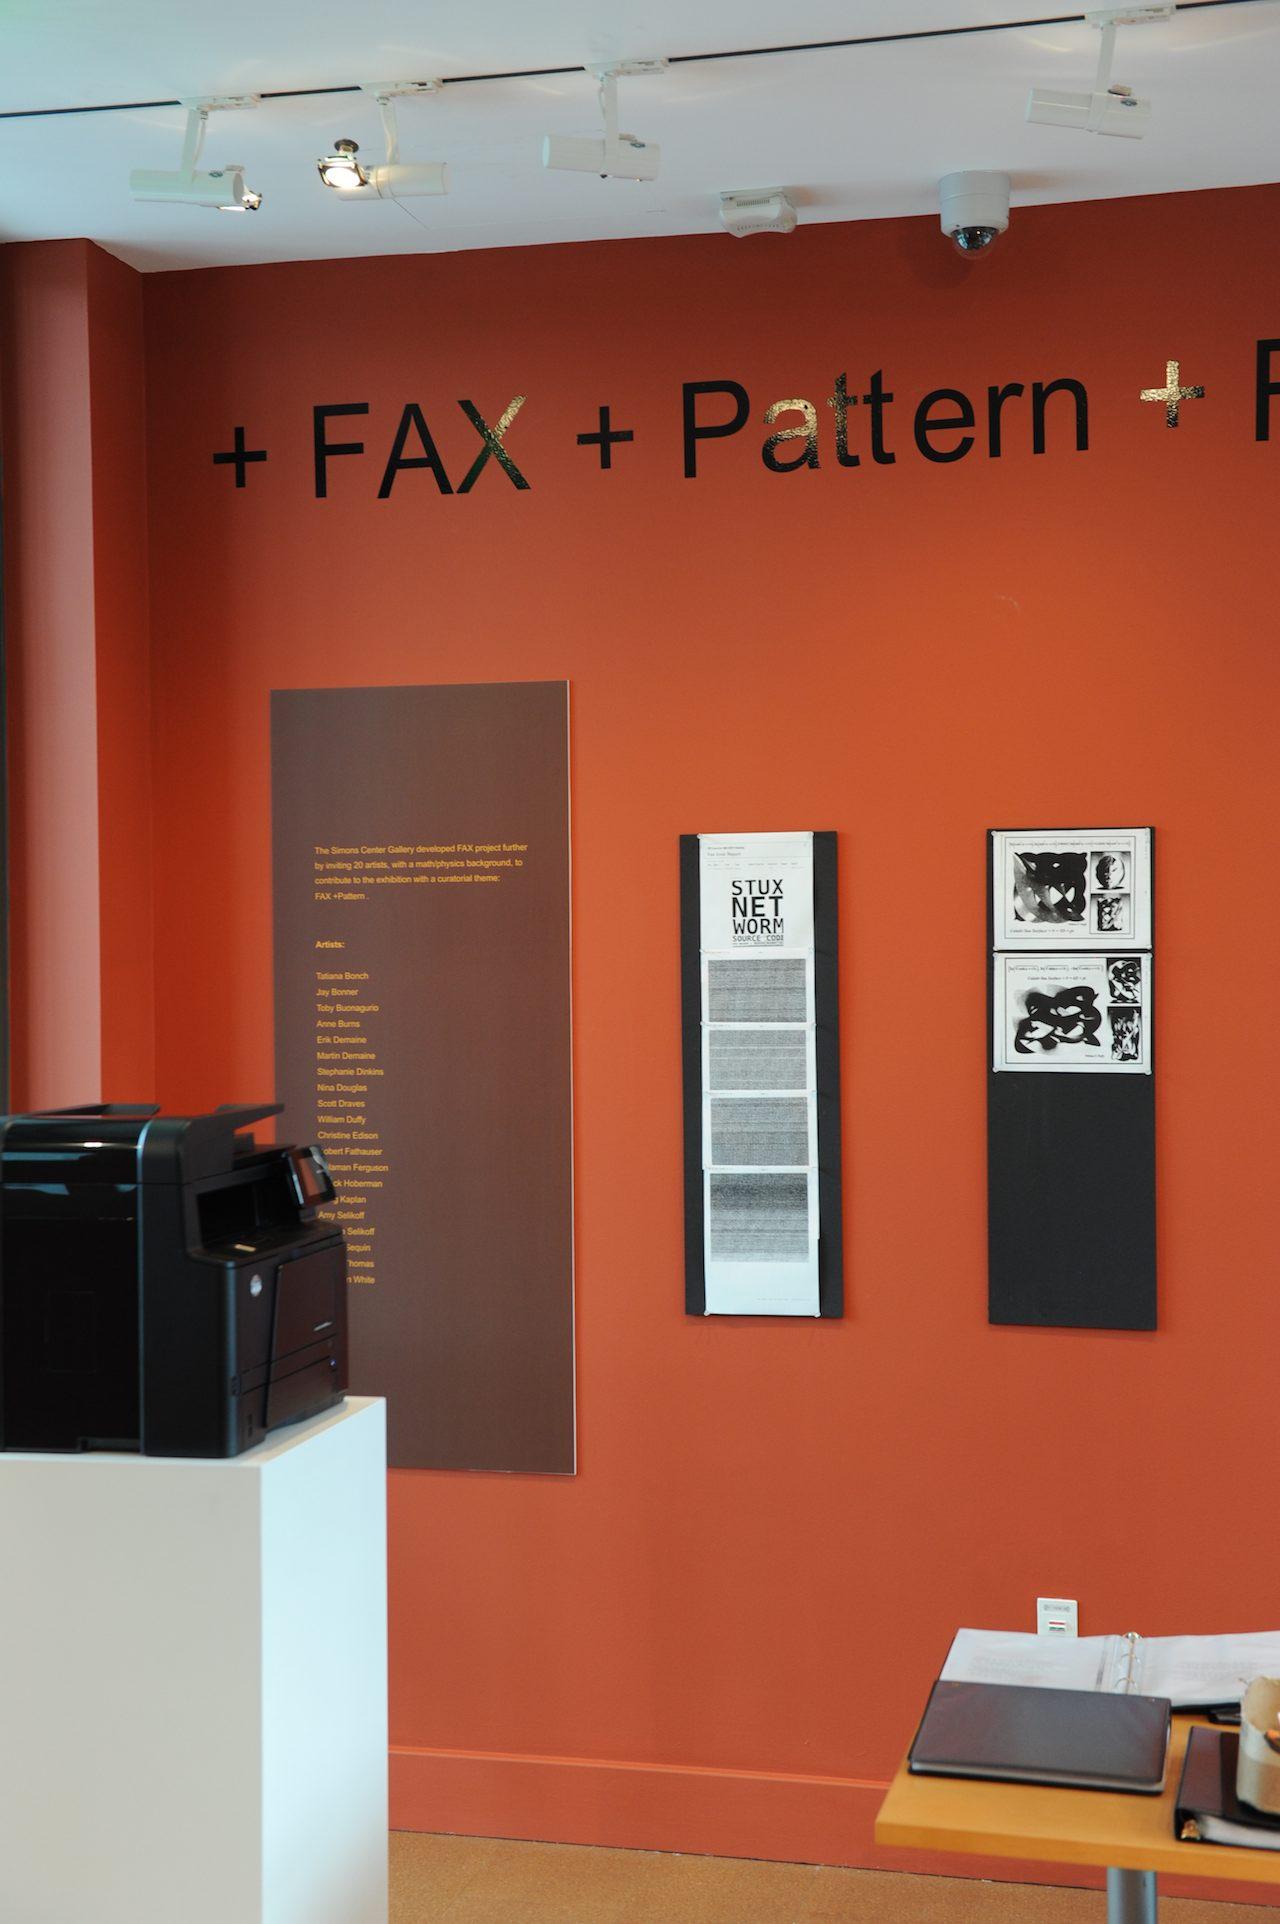 20-fax_pattern_dsc_4619-web